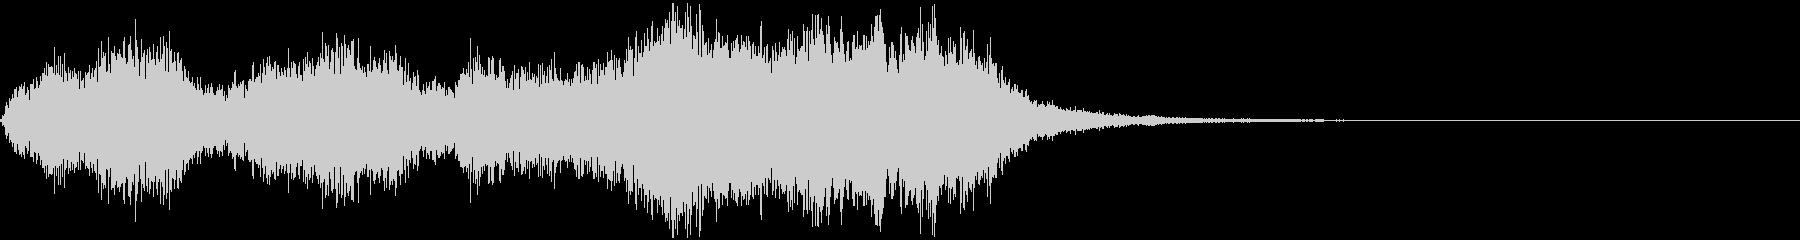 管弦楽による浮遊感のあるジングルの未再生の波形